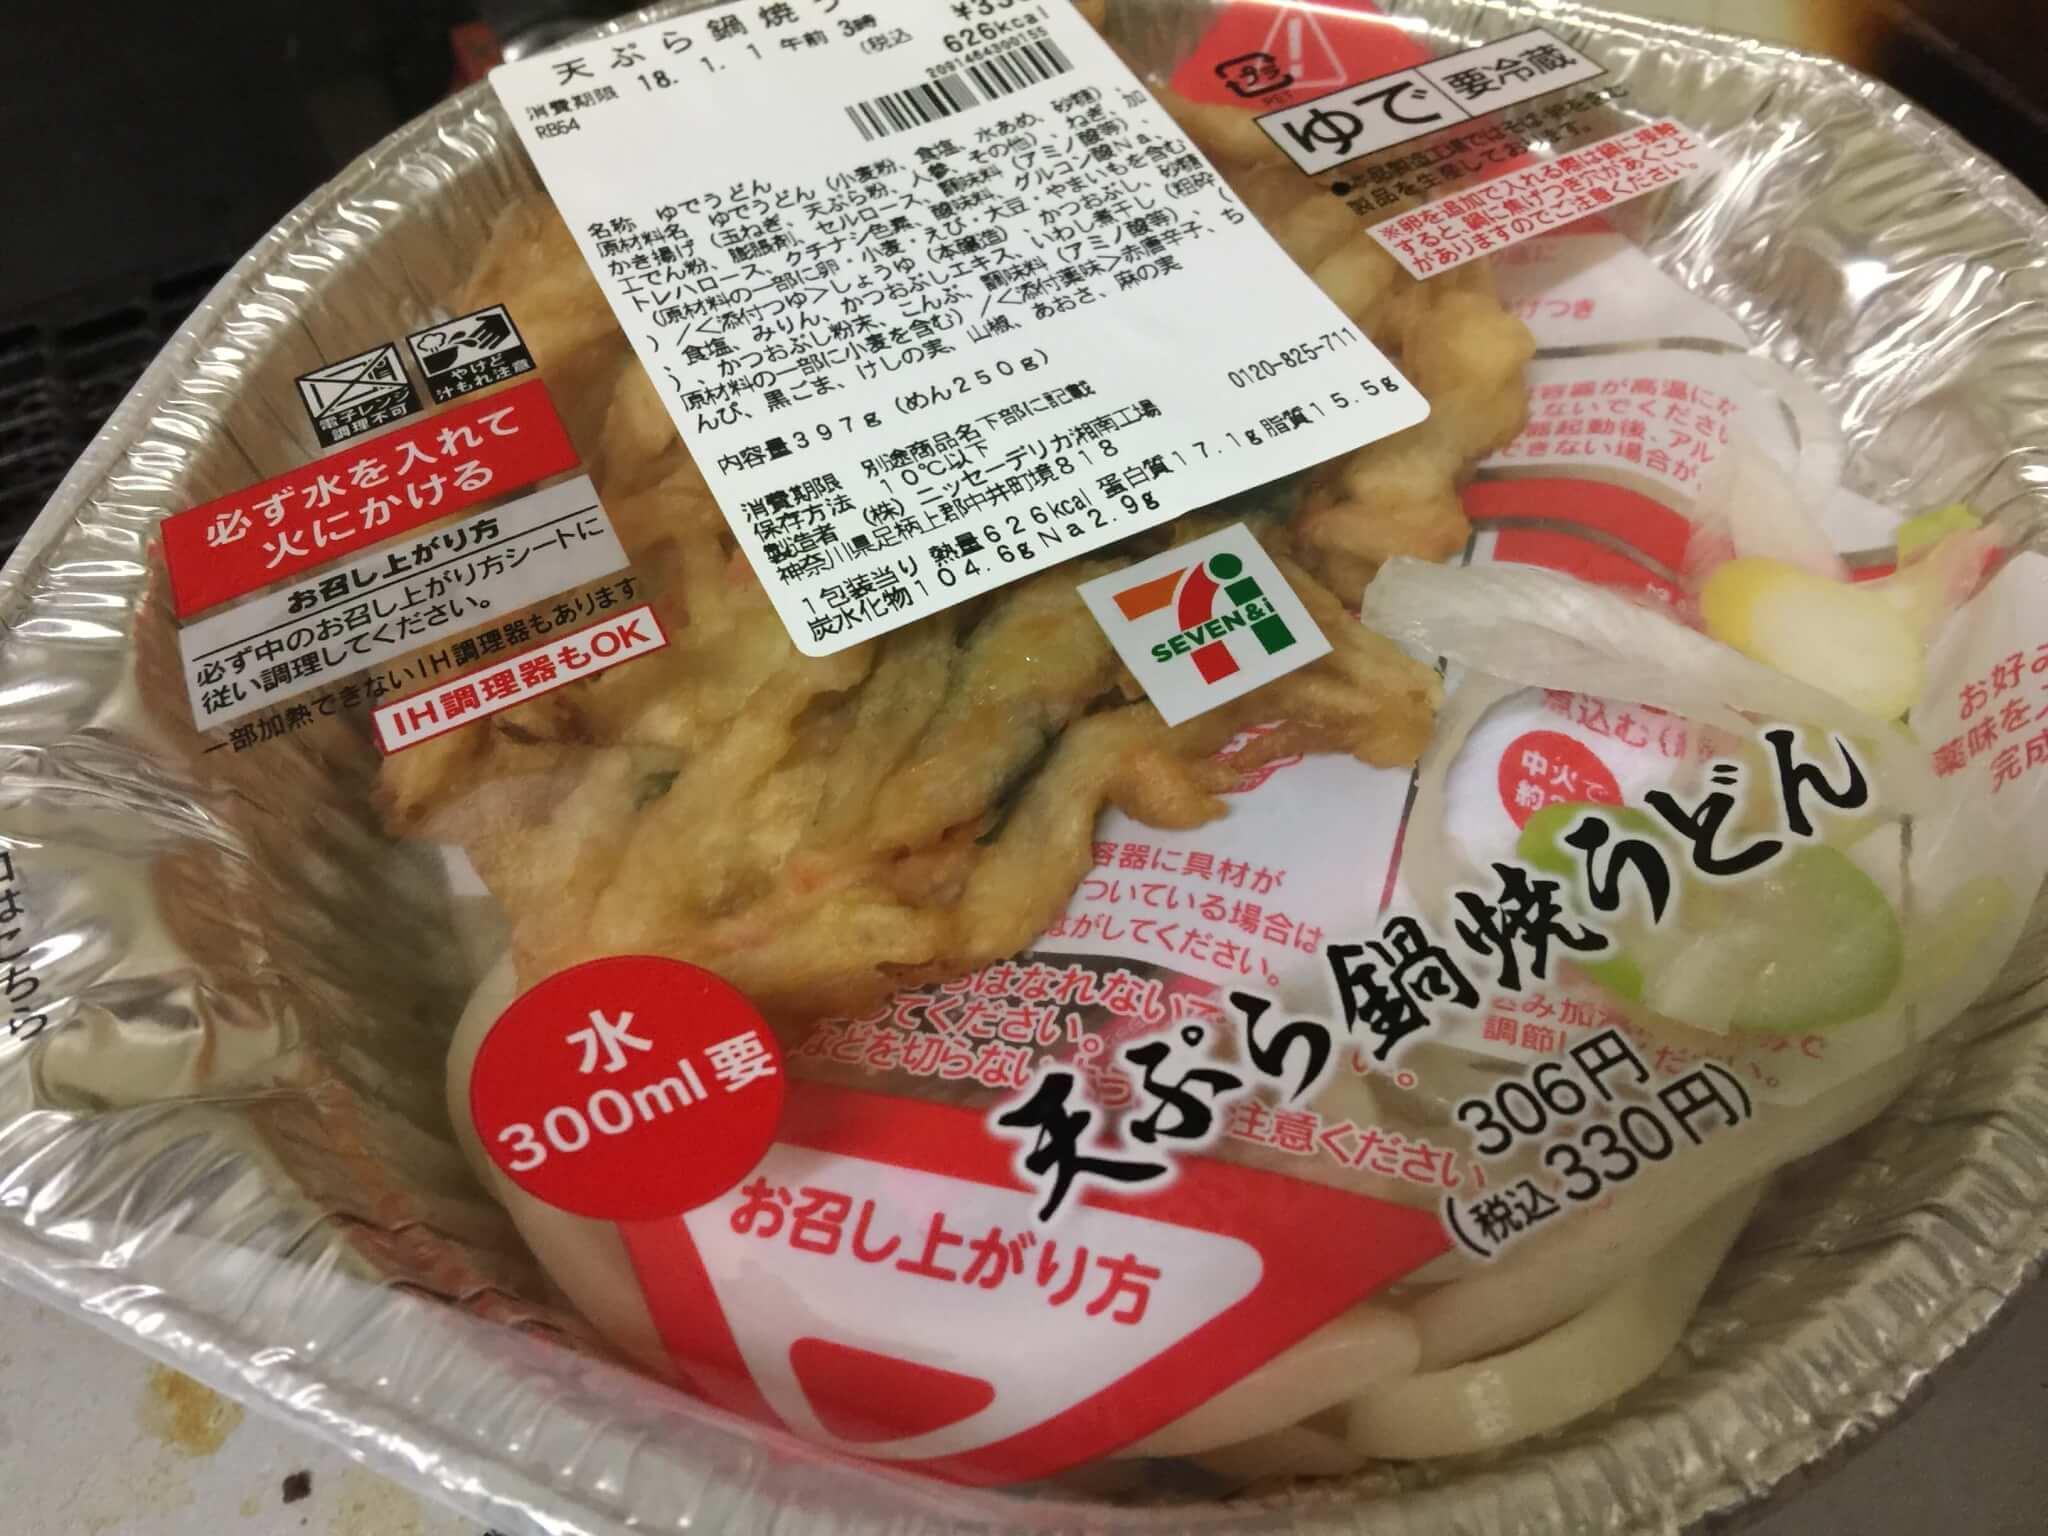 セブンイレブンの天ぷら鍋焼きうどん